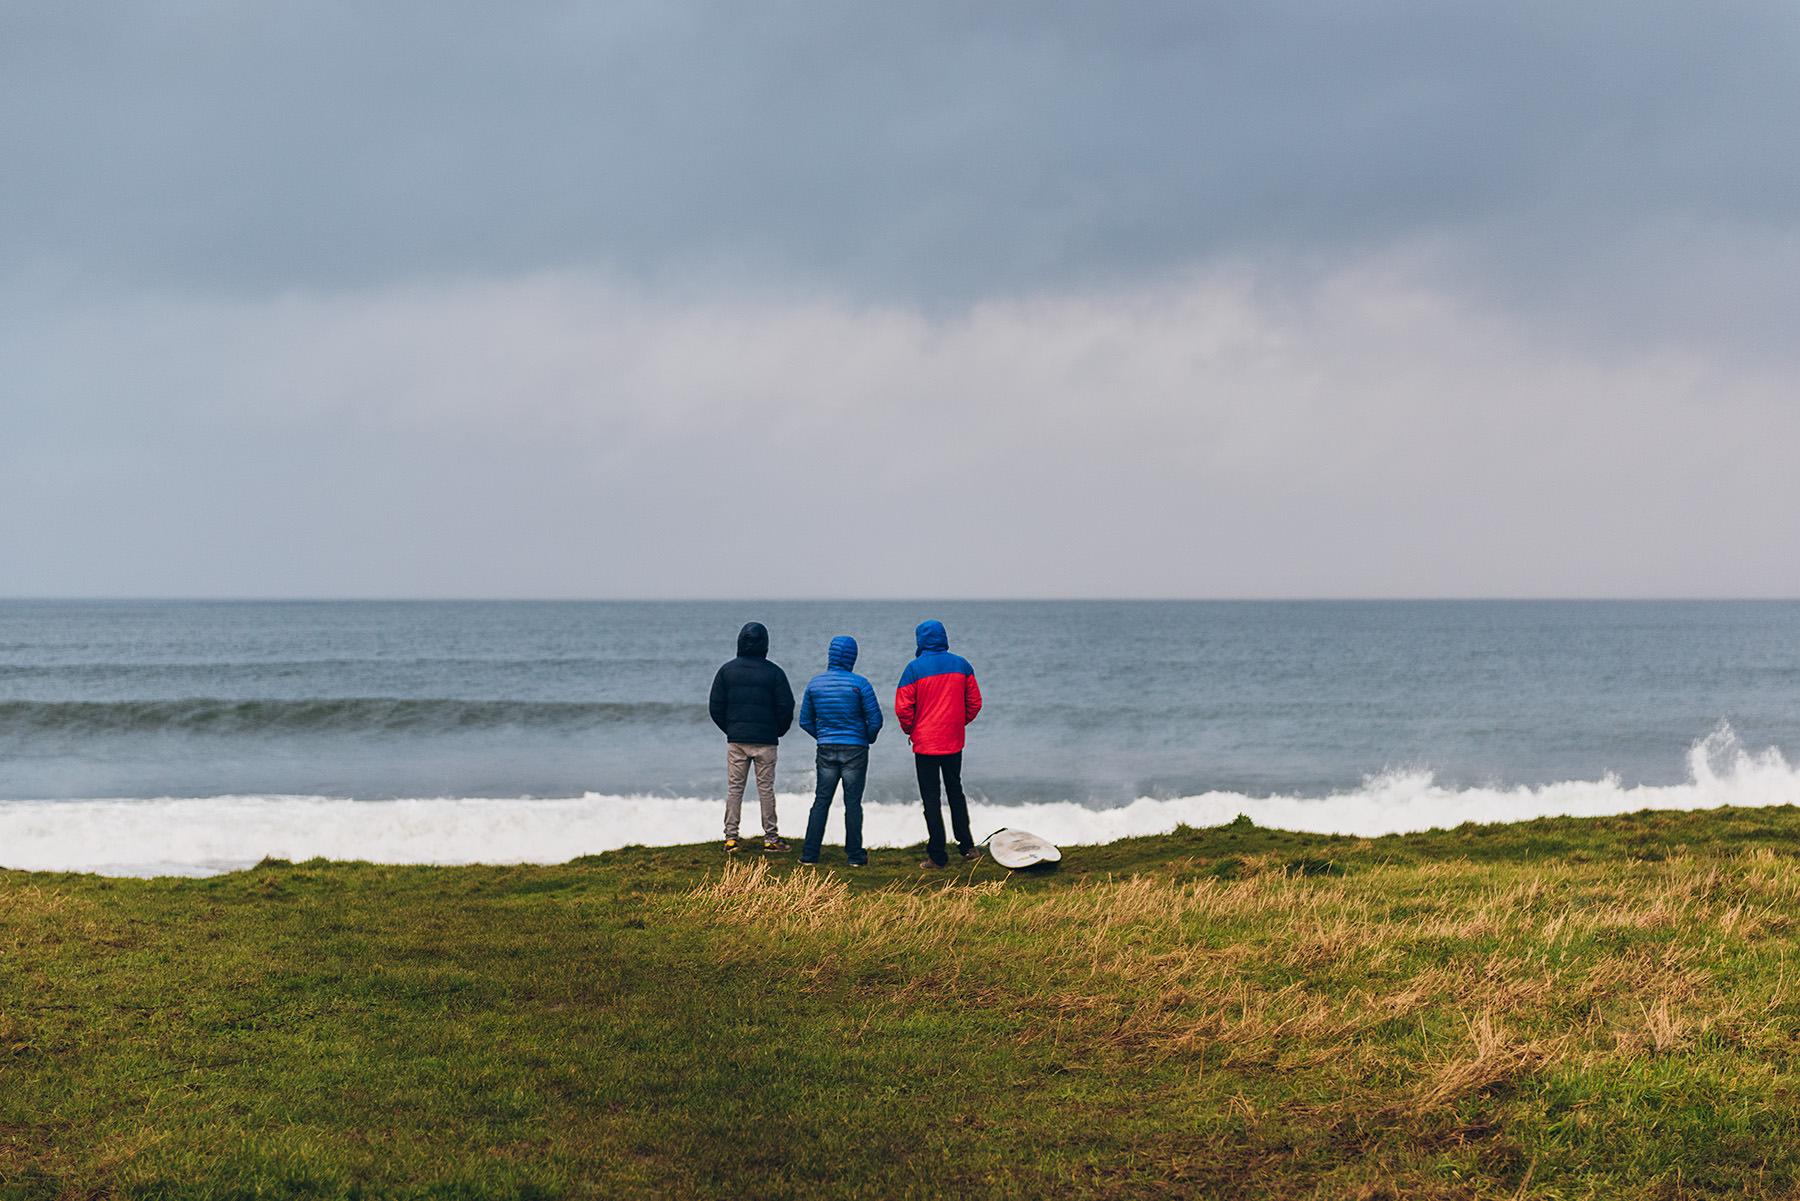 winter-surfing-ireland-sport-adventure-07.jpg